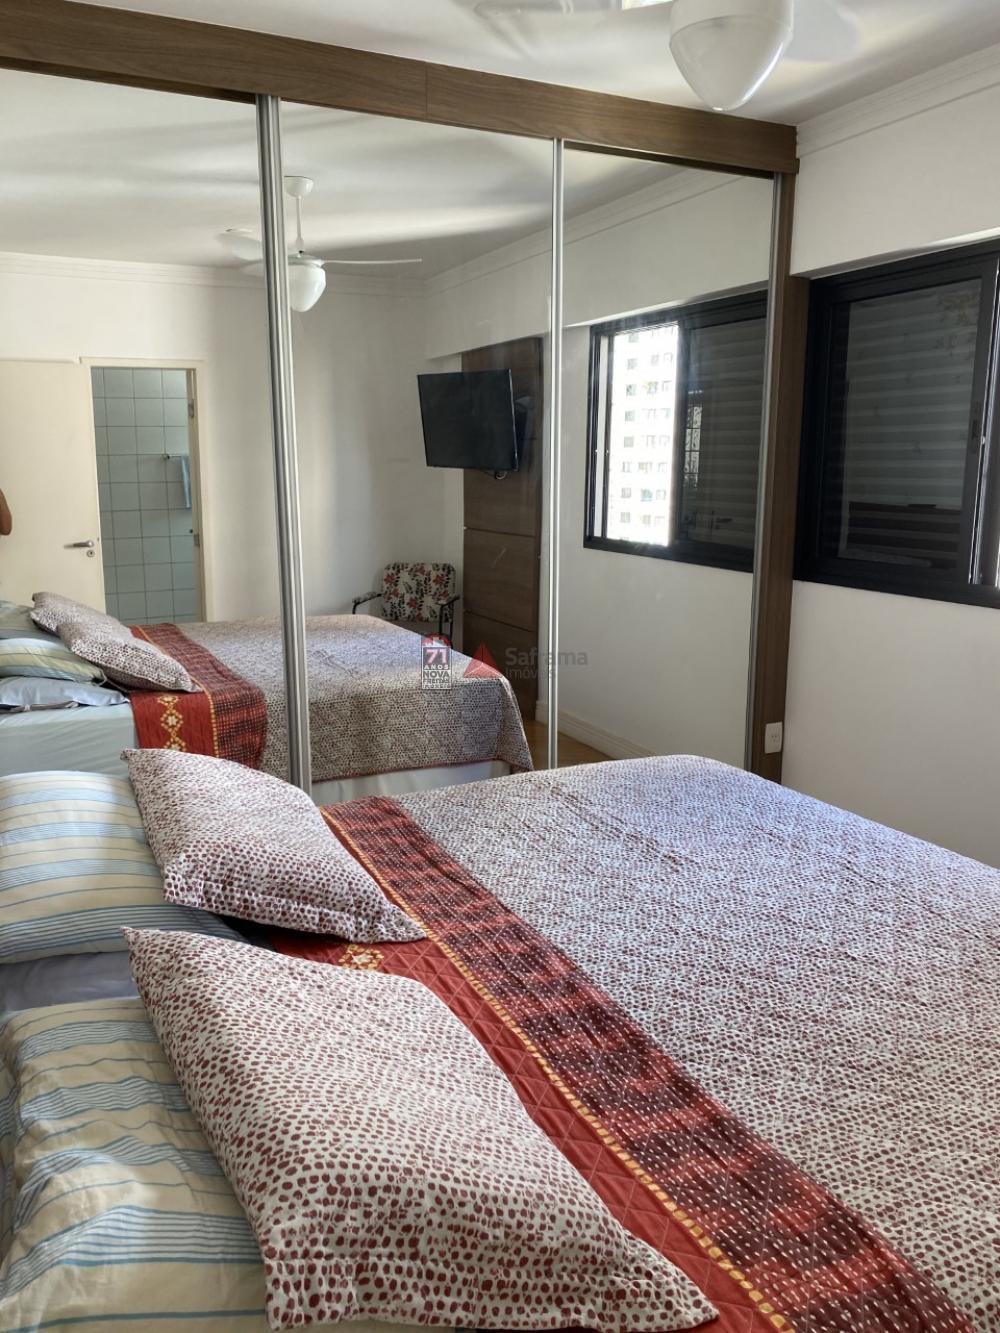 Alugar Apartamento / Padrão em São José dos Campos apenas R$ 2.800,00 - Foto 9